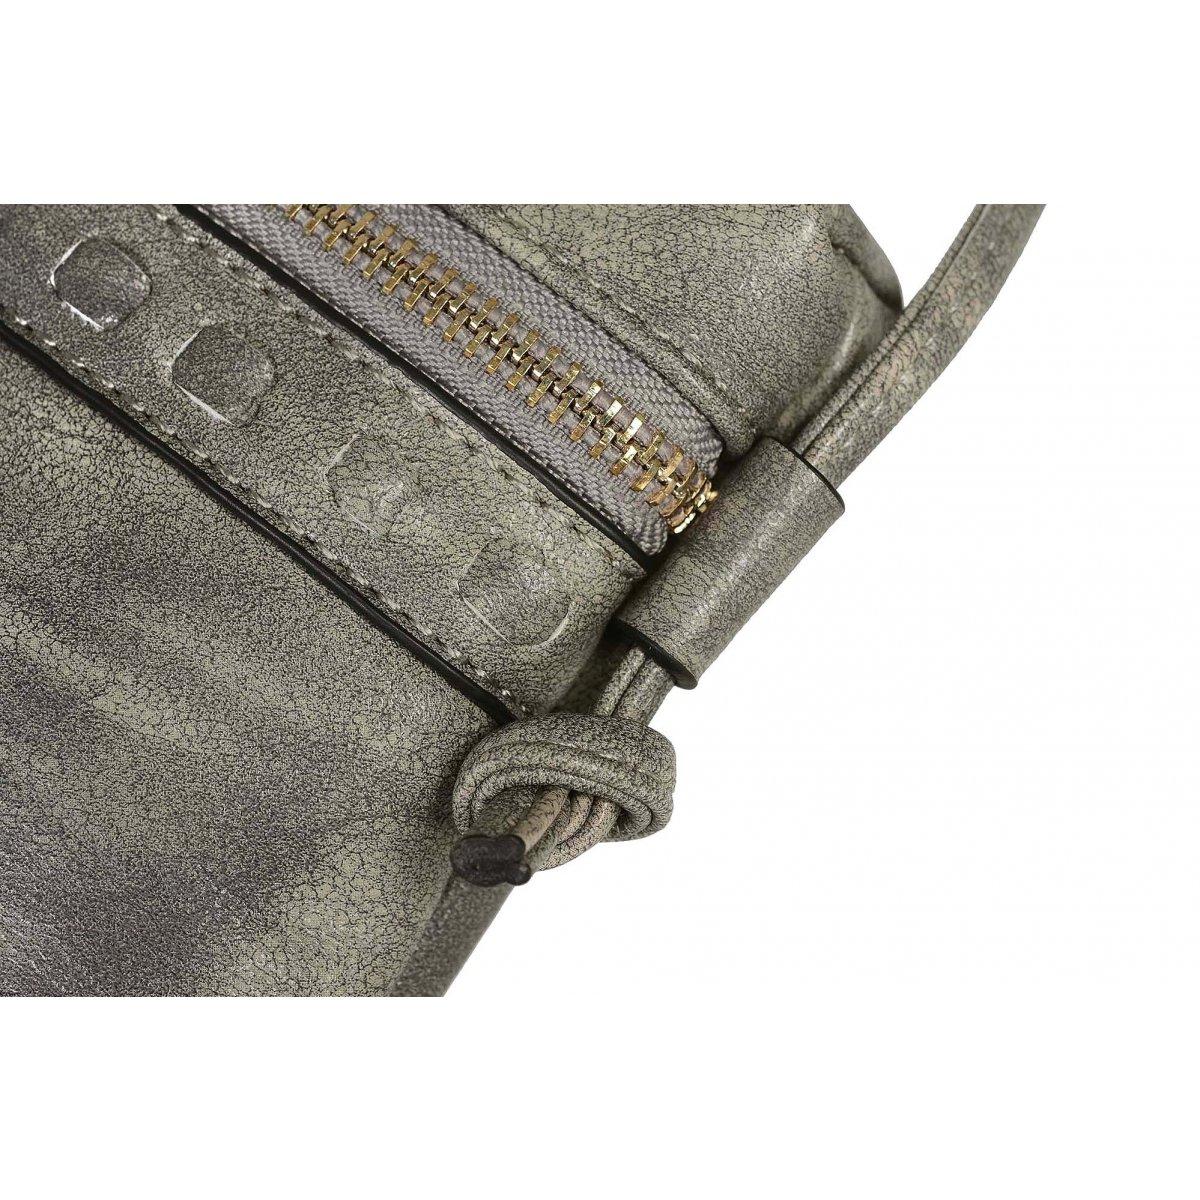 sac main bandouli re les sacs de krlot fkg0032 couleur principale noir promotion. Black Bedroom Furniture Sets. Home Design Ideas